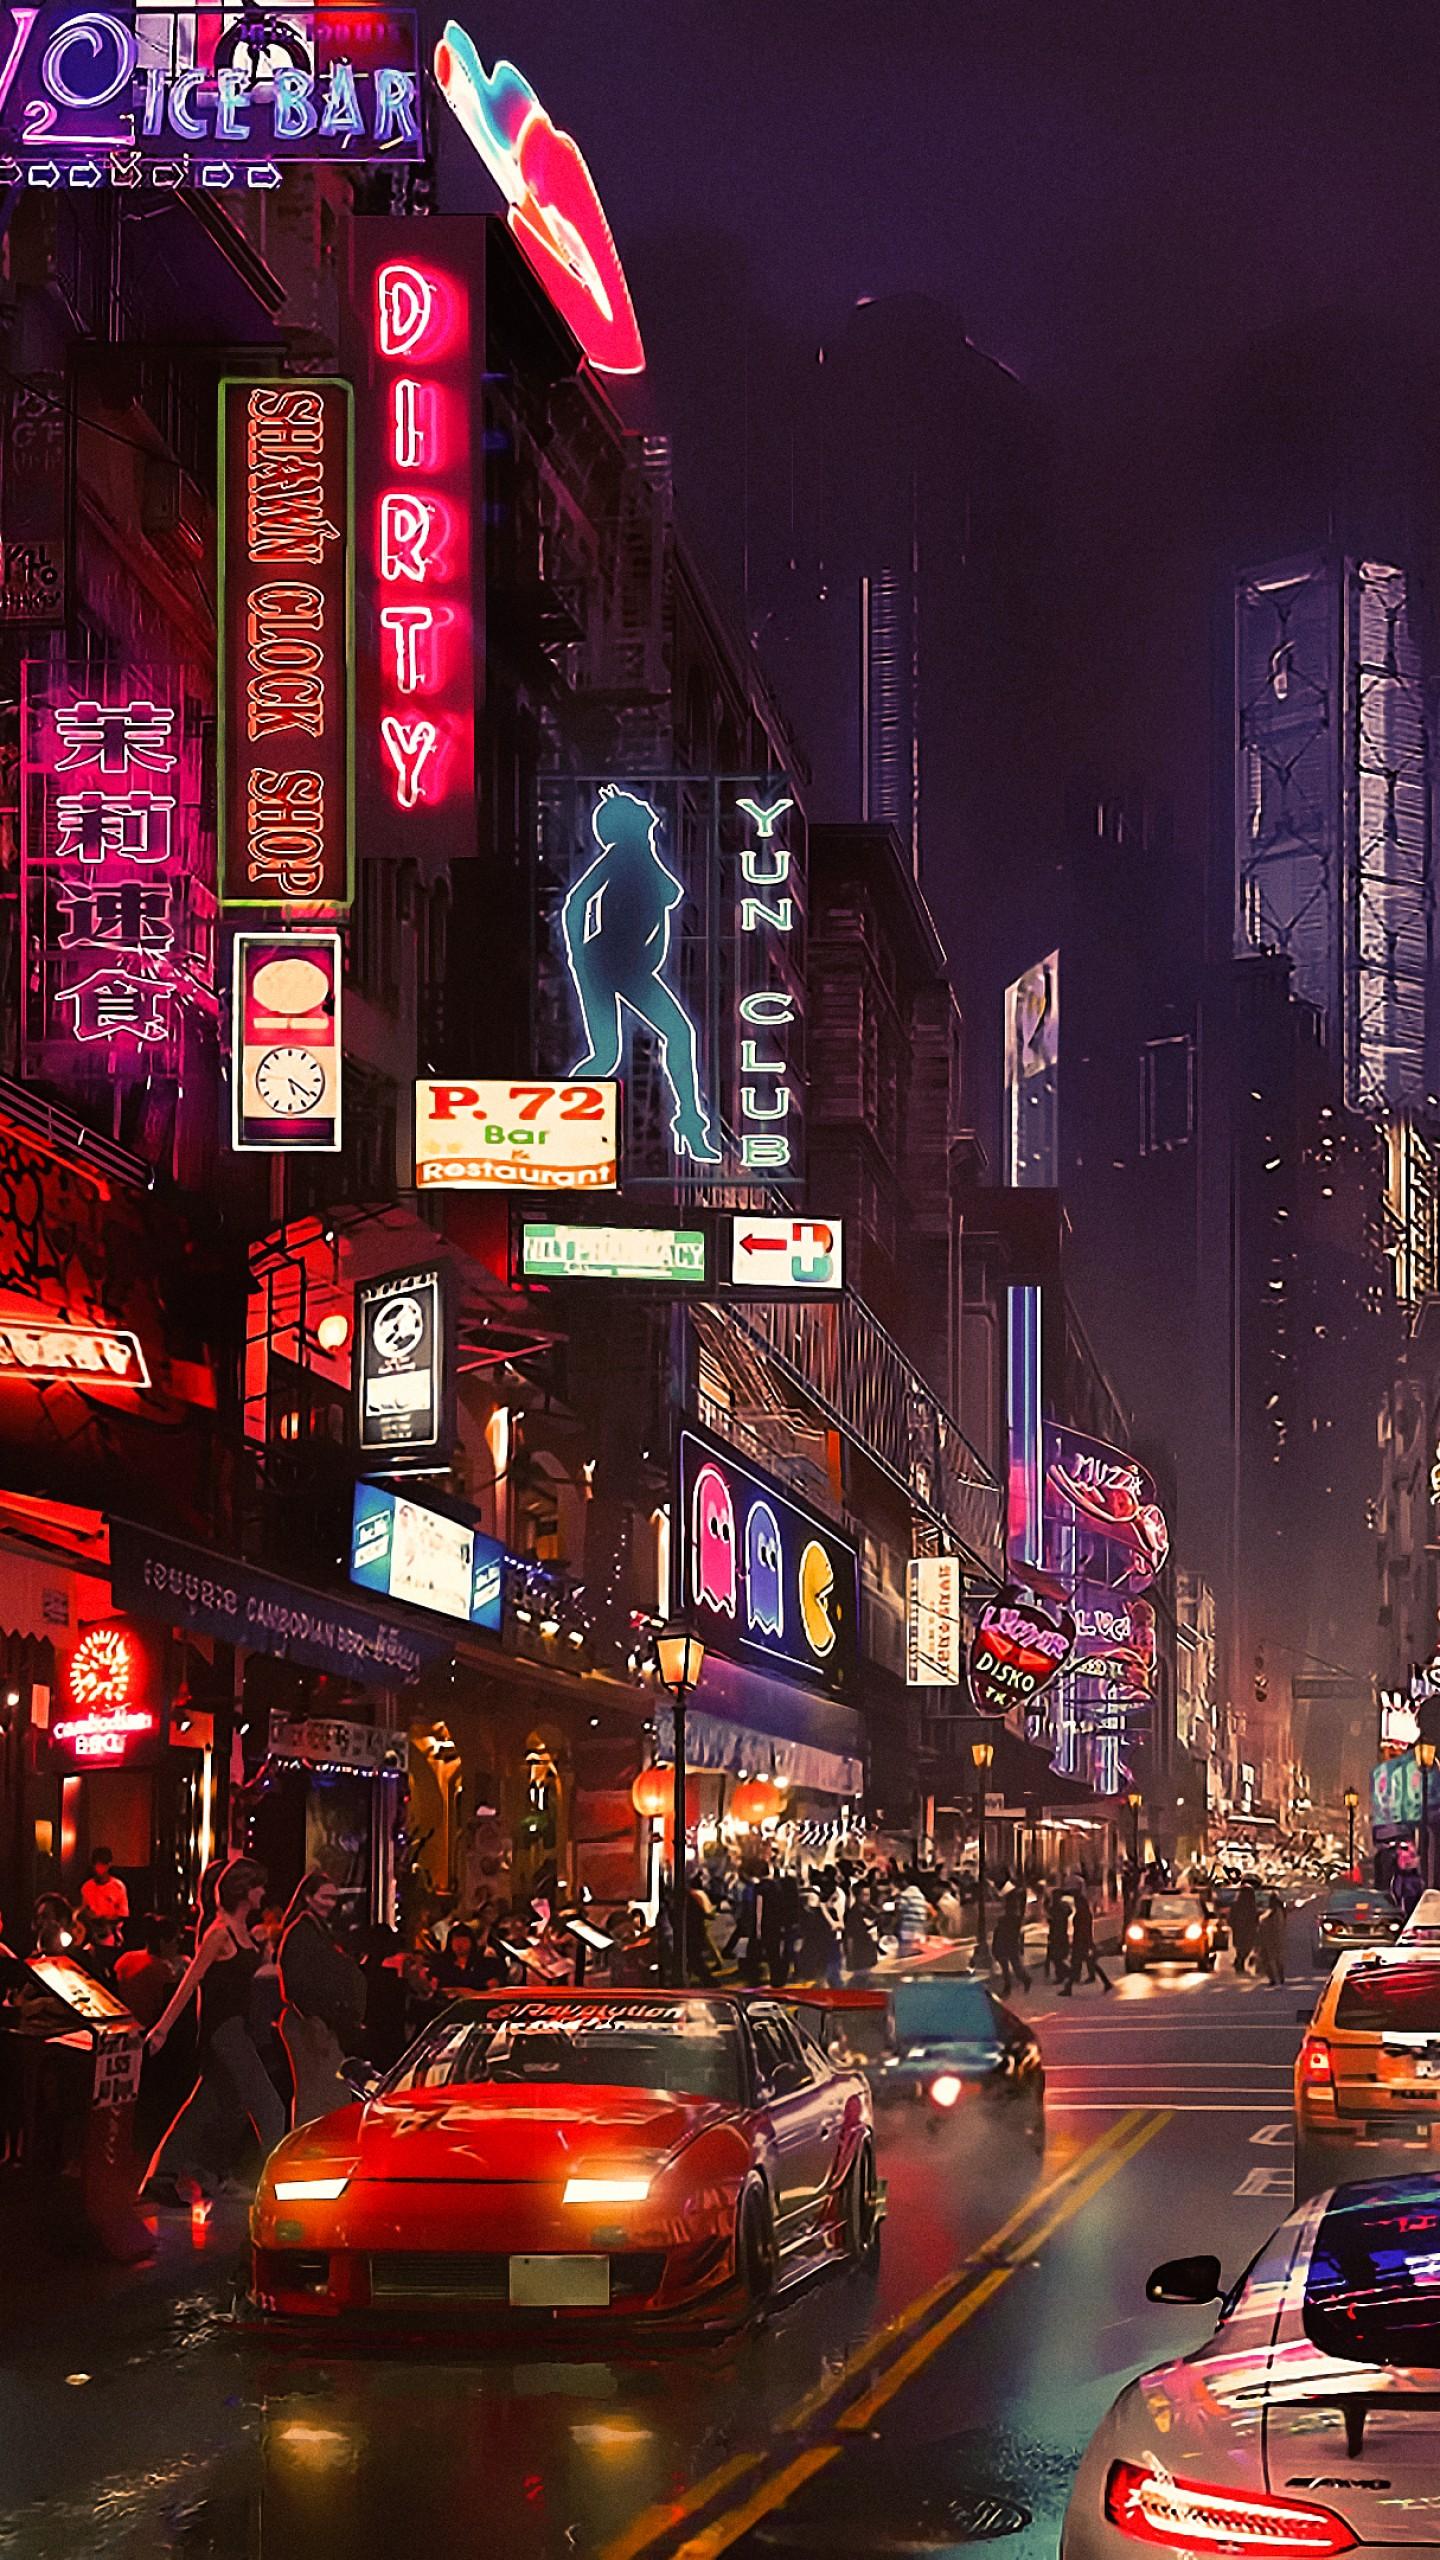 Wallpaper Cyberpunk Future World 4k Art 20320